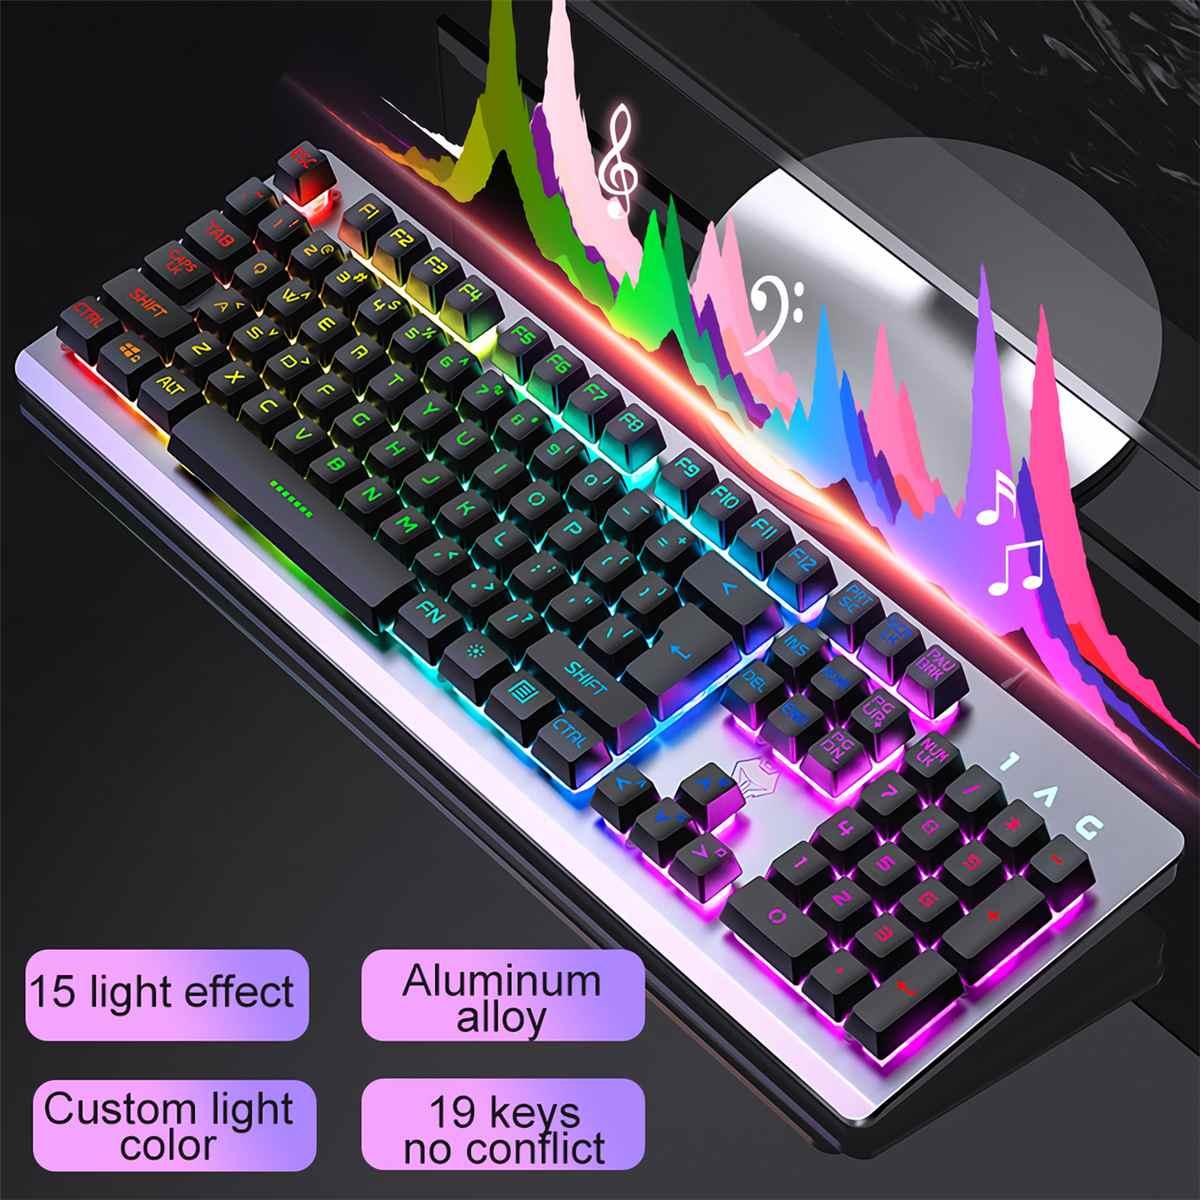 RGB الخلفية الألعاب لوحة المفاتيح USB السلكية العائمة لوحة المفاتيح هادئة مريح مقاوم للماء الشعور الميكانيكية لوحة المفاتيح